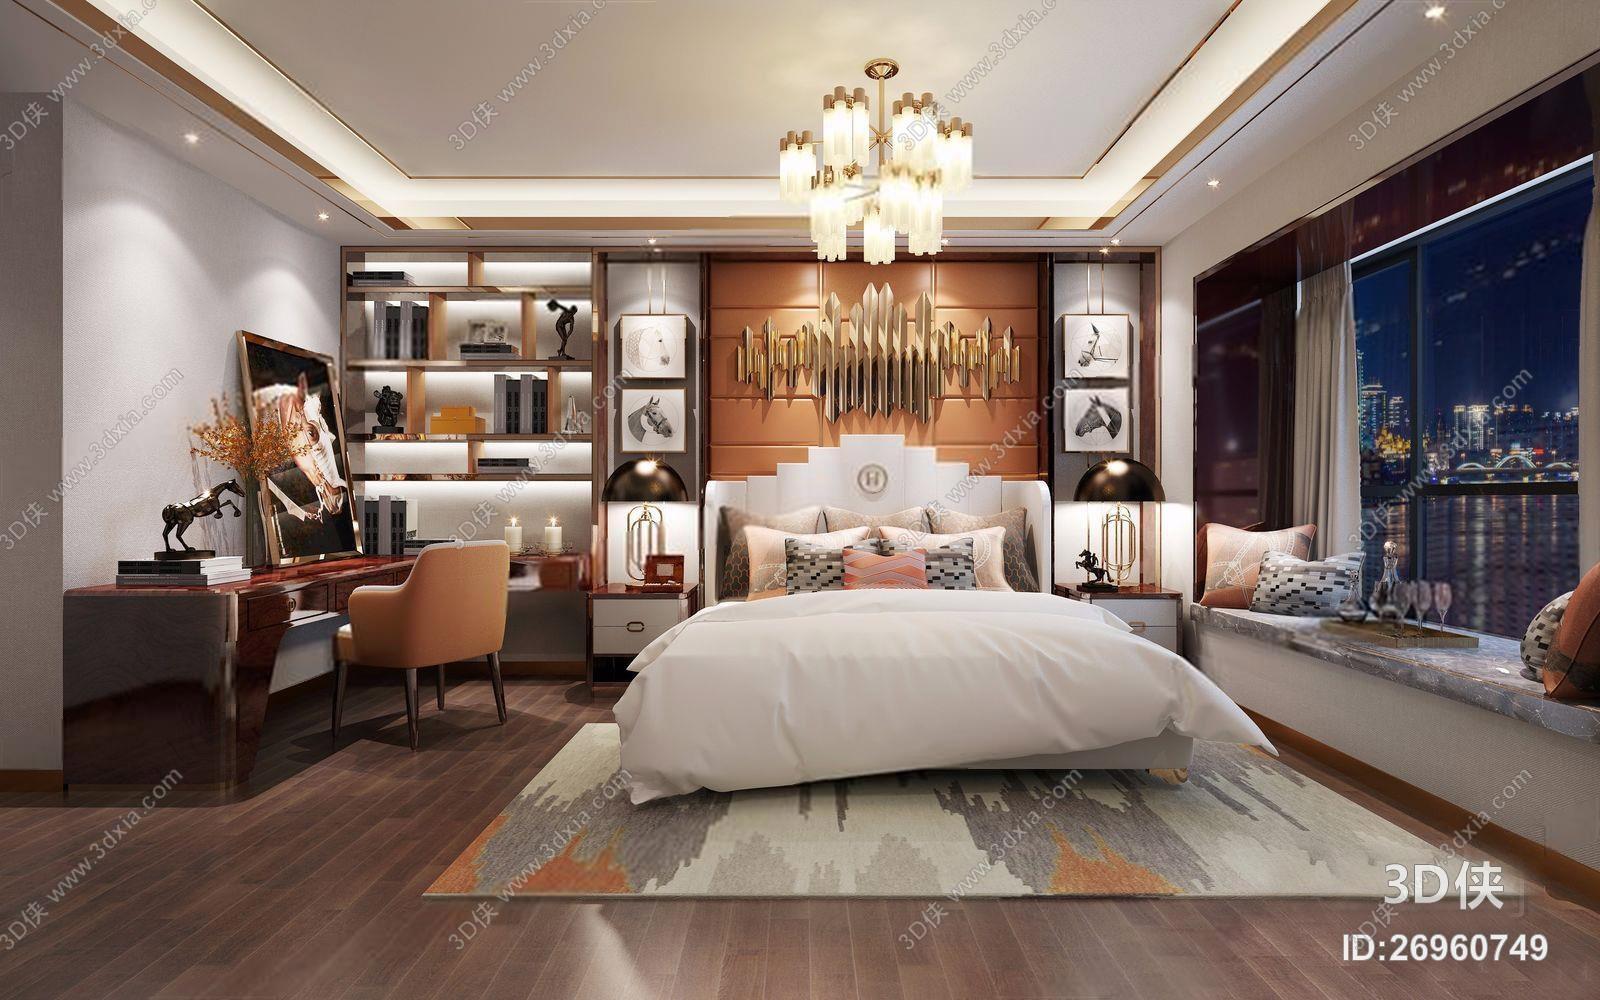 后现代样板房主卧 后现代卧室 床具 吊灯 飘窗 梳妆台 椅子 床头柜 墙饰 床品 抱枕